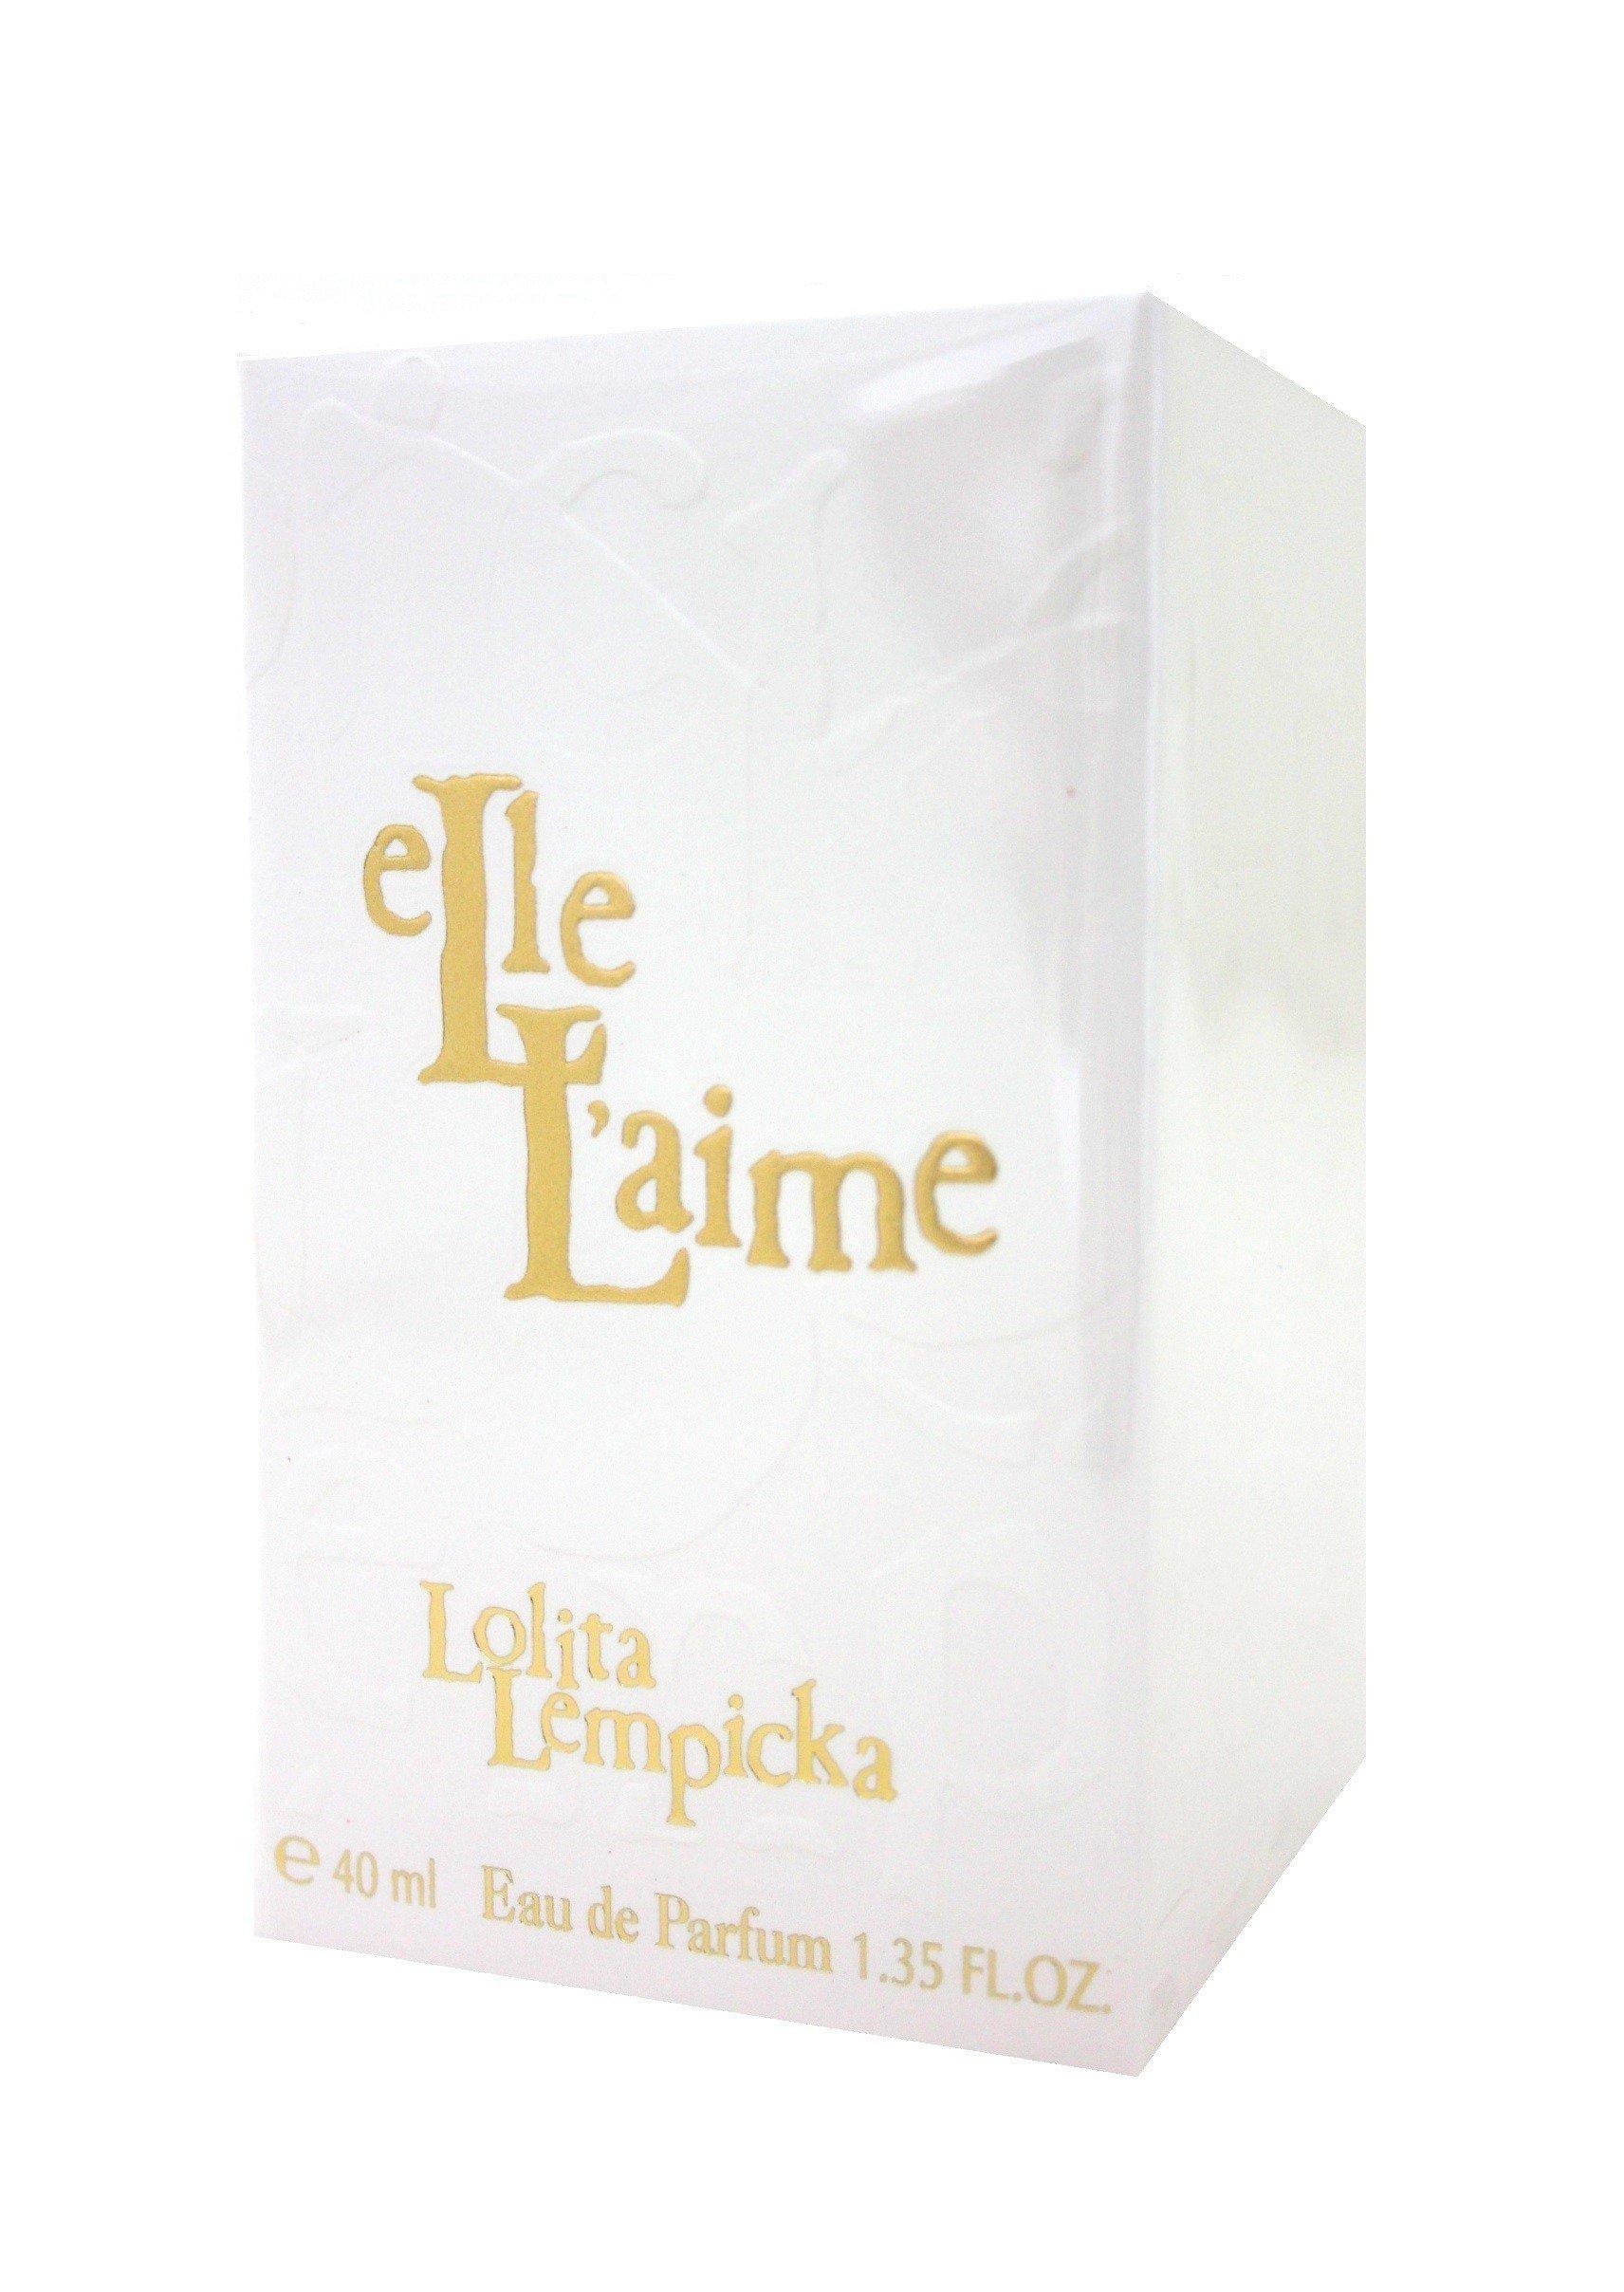 Lolita Lempicka Elle L aime Eau de Parfum